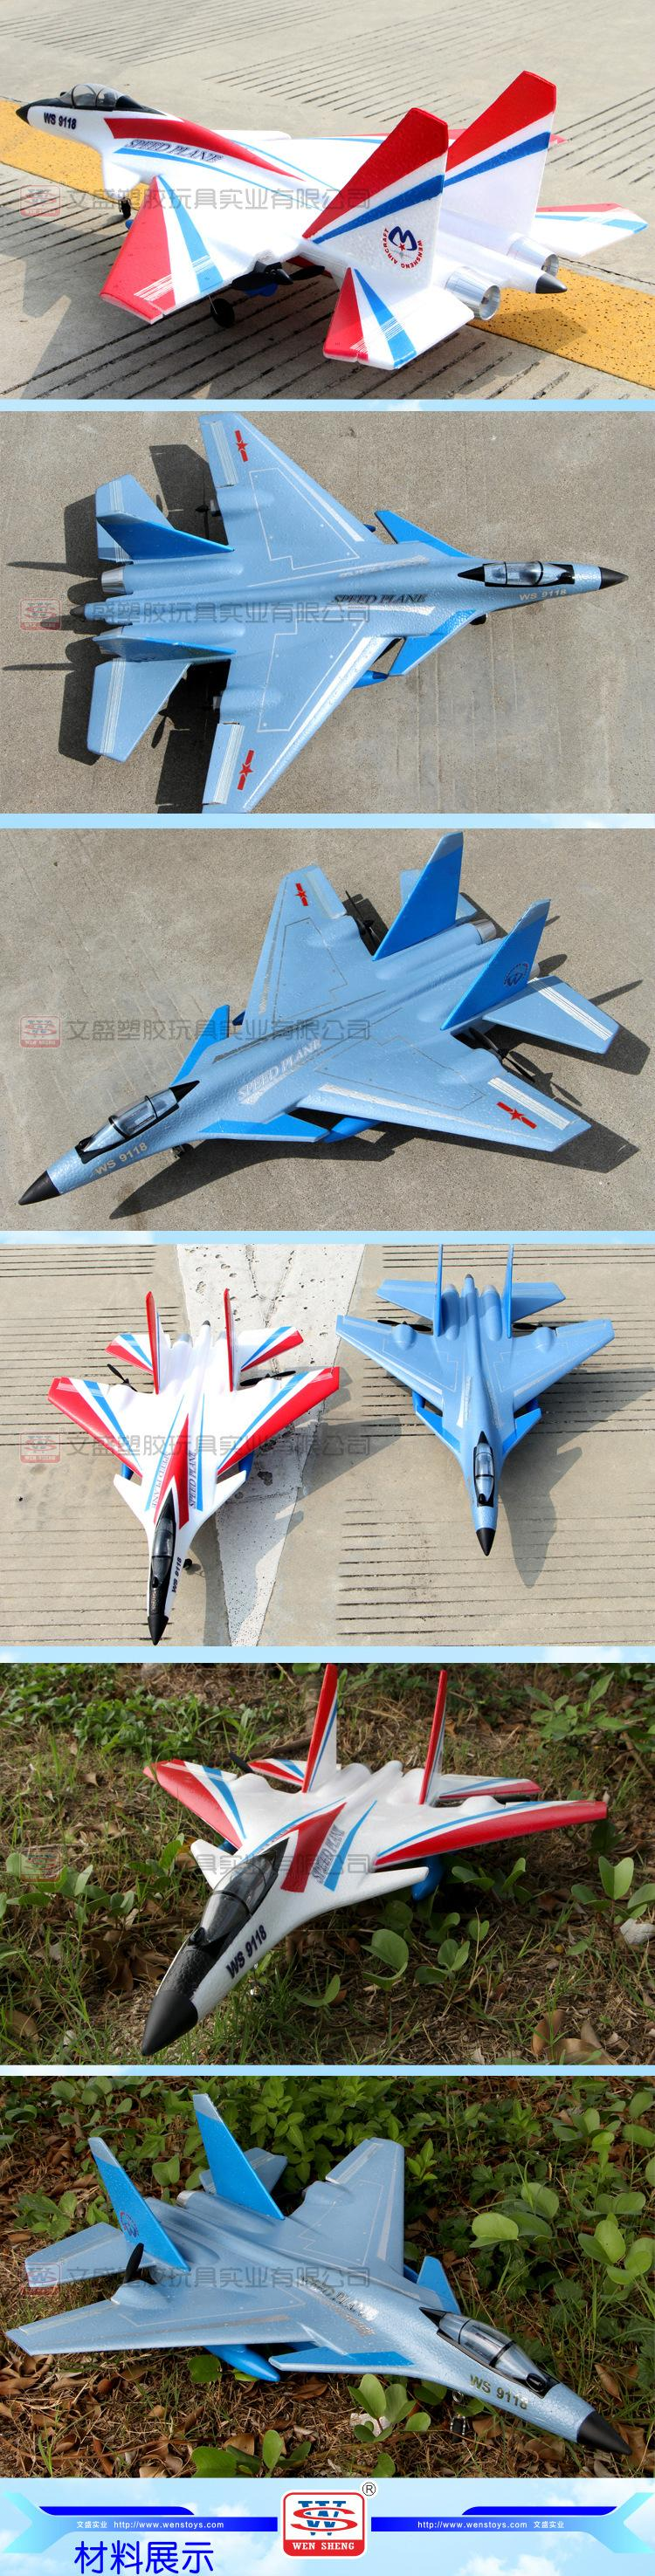 文盛滑翔飞机 超大歼j-15飞控版四通航拍模型玩具 遥控固定翼夜航高配